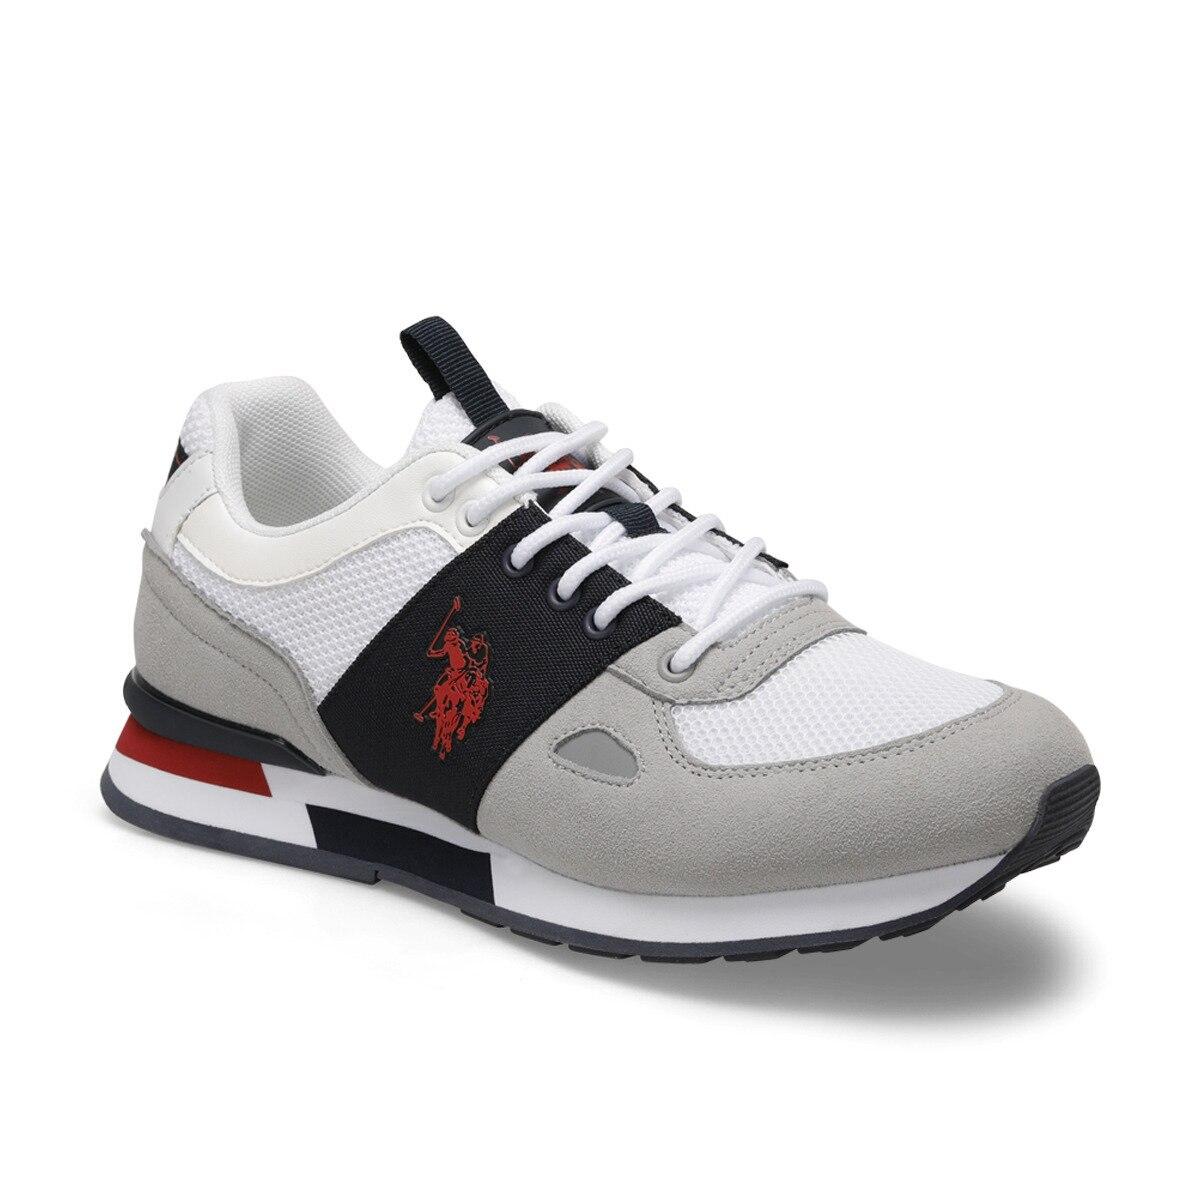 FLO BENTLEY White Men 'S Sneaker Shoes U.S. POLO ASSN.